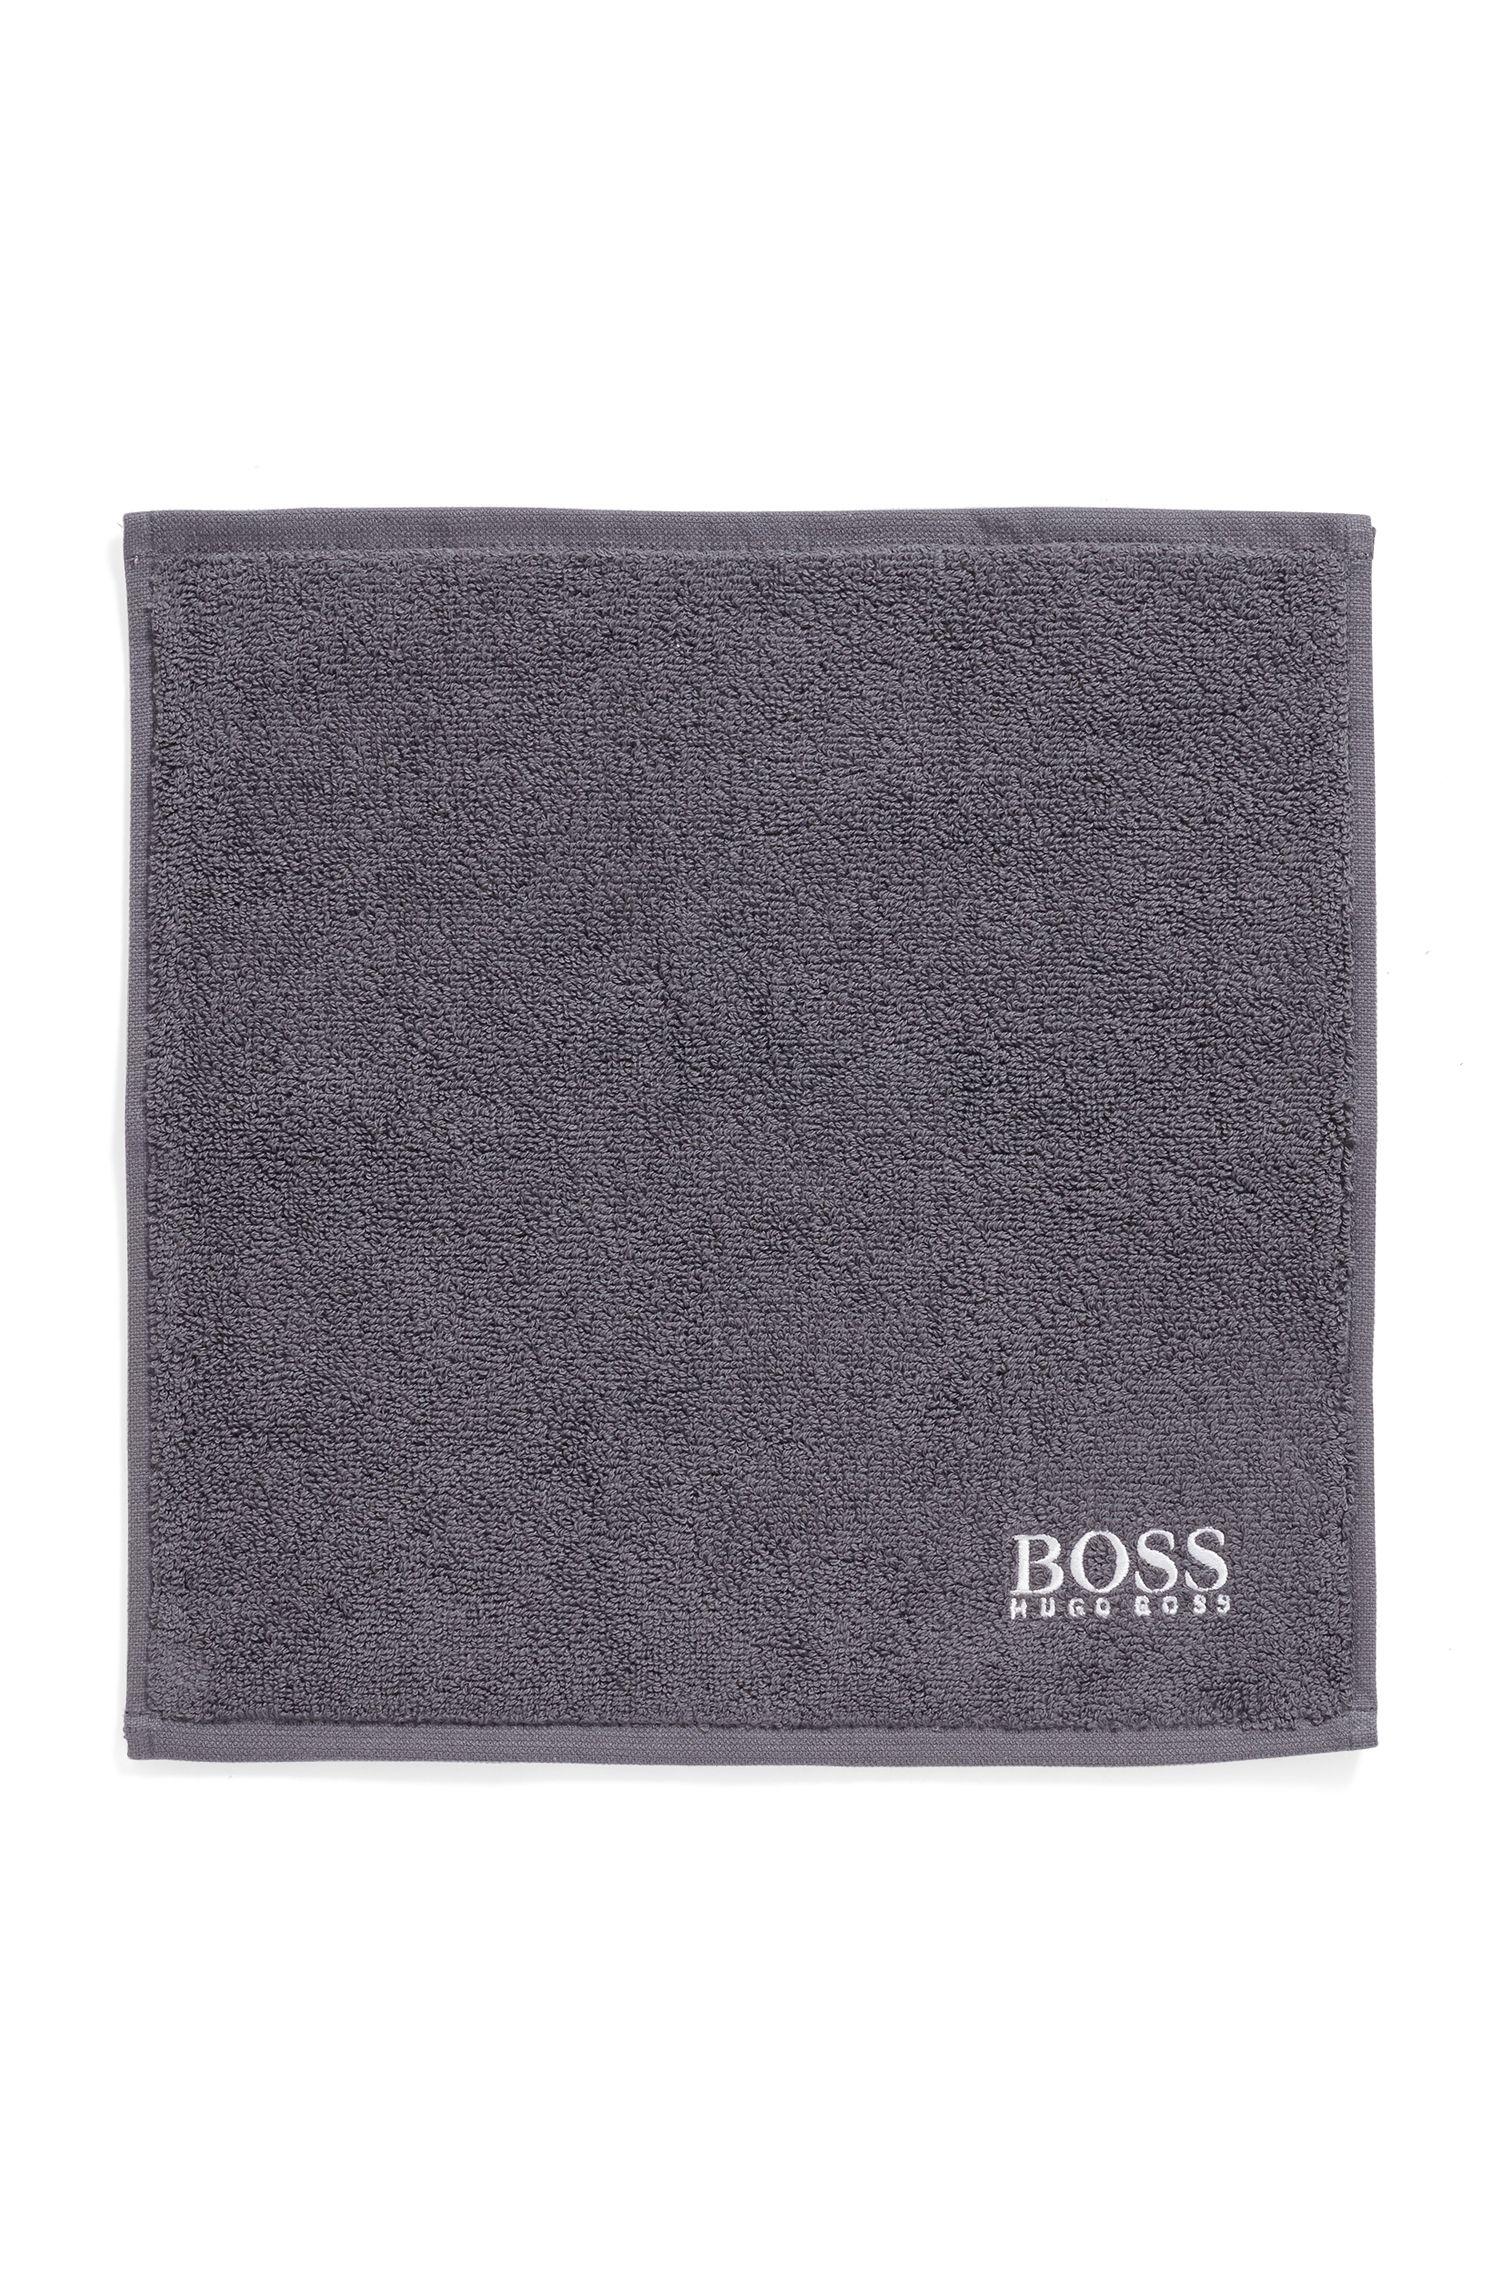 Asciugamano da viso in raffinato cotone egiziano con logo ricamato, Grigio antracite